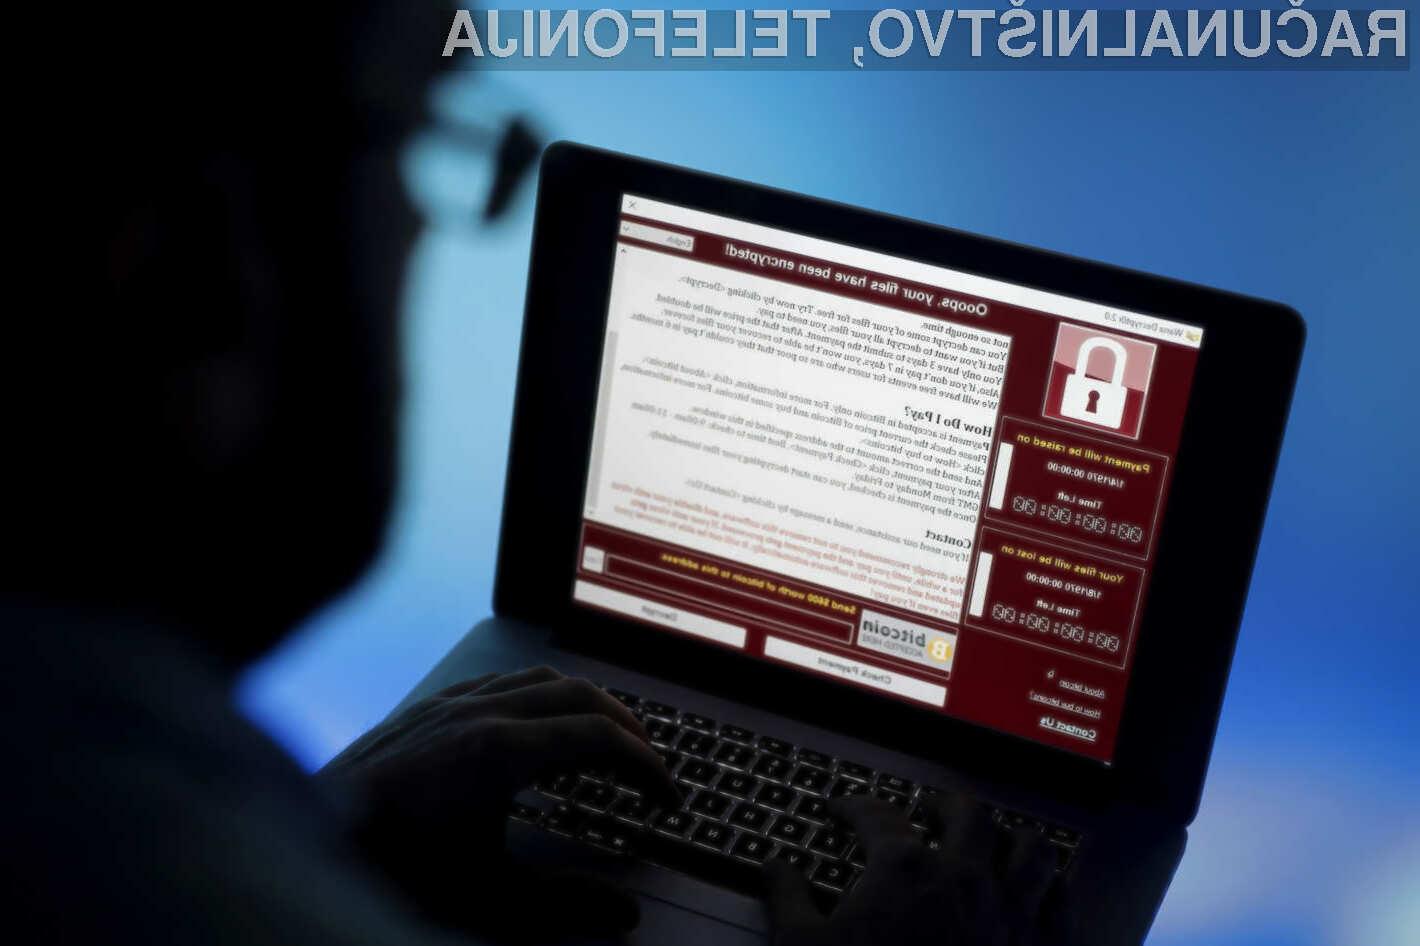 Za napadom z izsiljevalsko škodljivo programsko kodo WannaCry naj bi stali voditelji Severne Koreje!